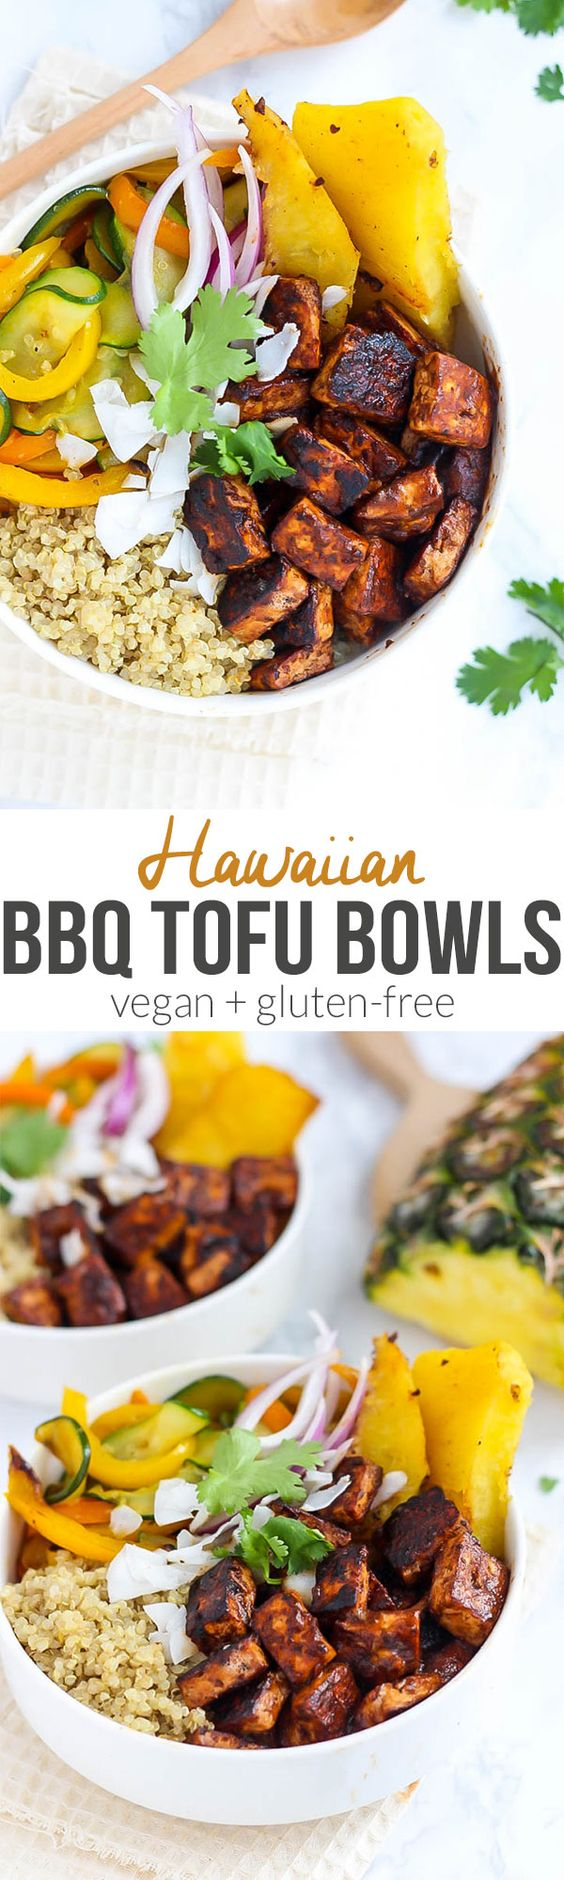 Hawaiian BBQ Tofu Bowls